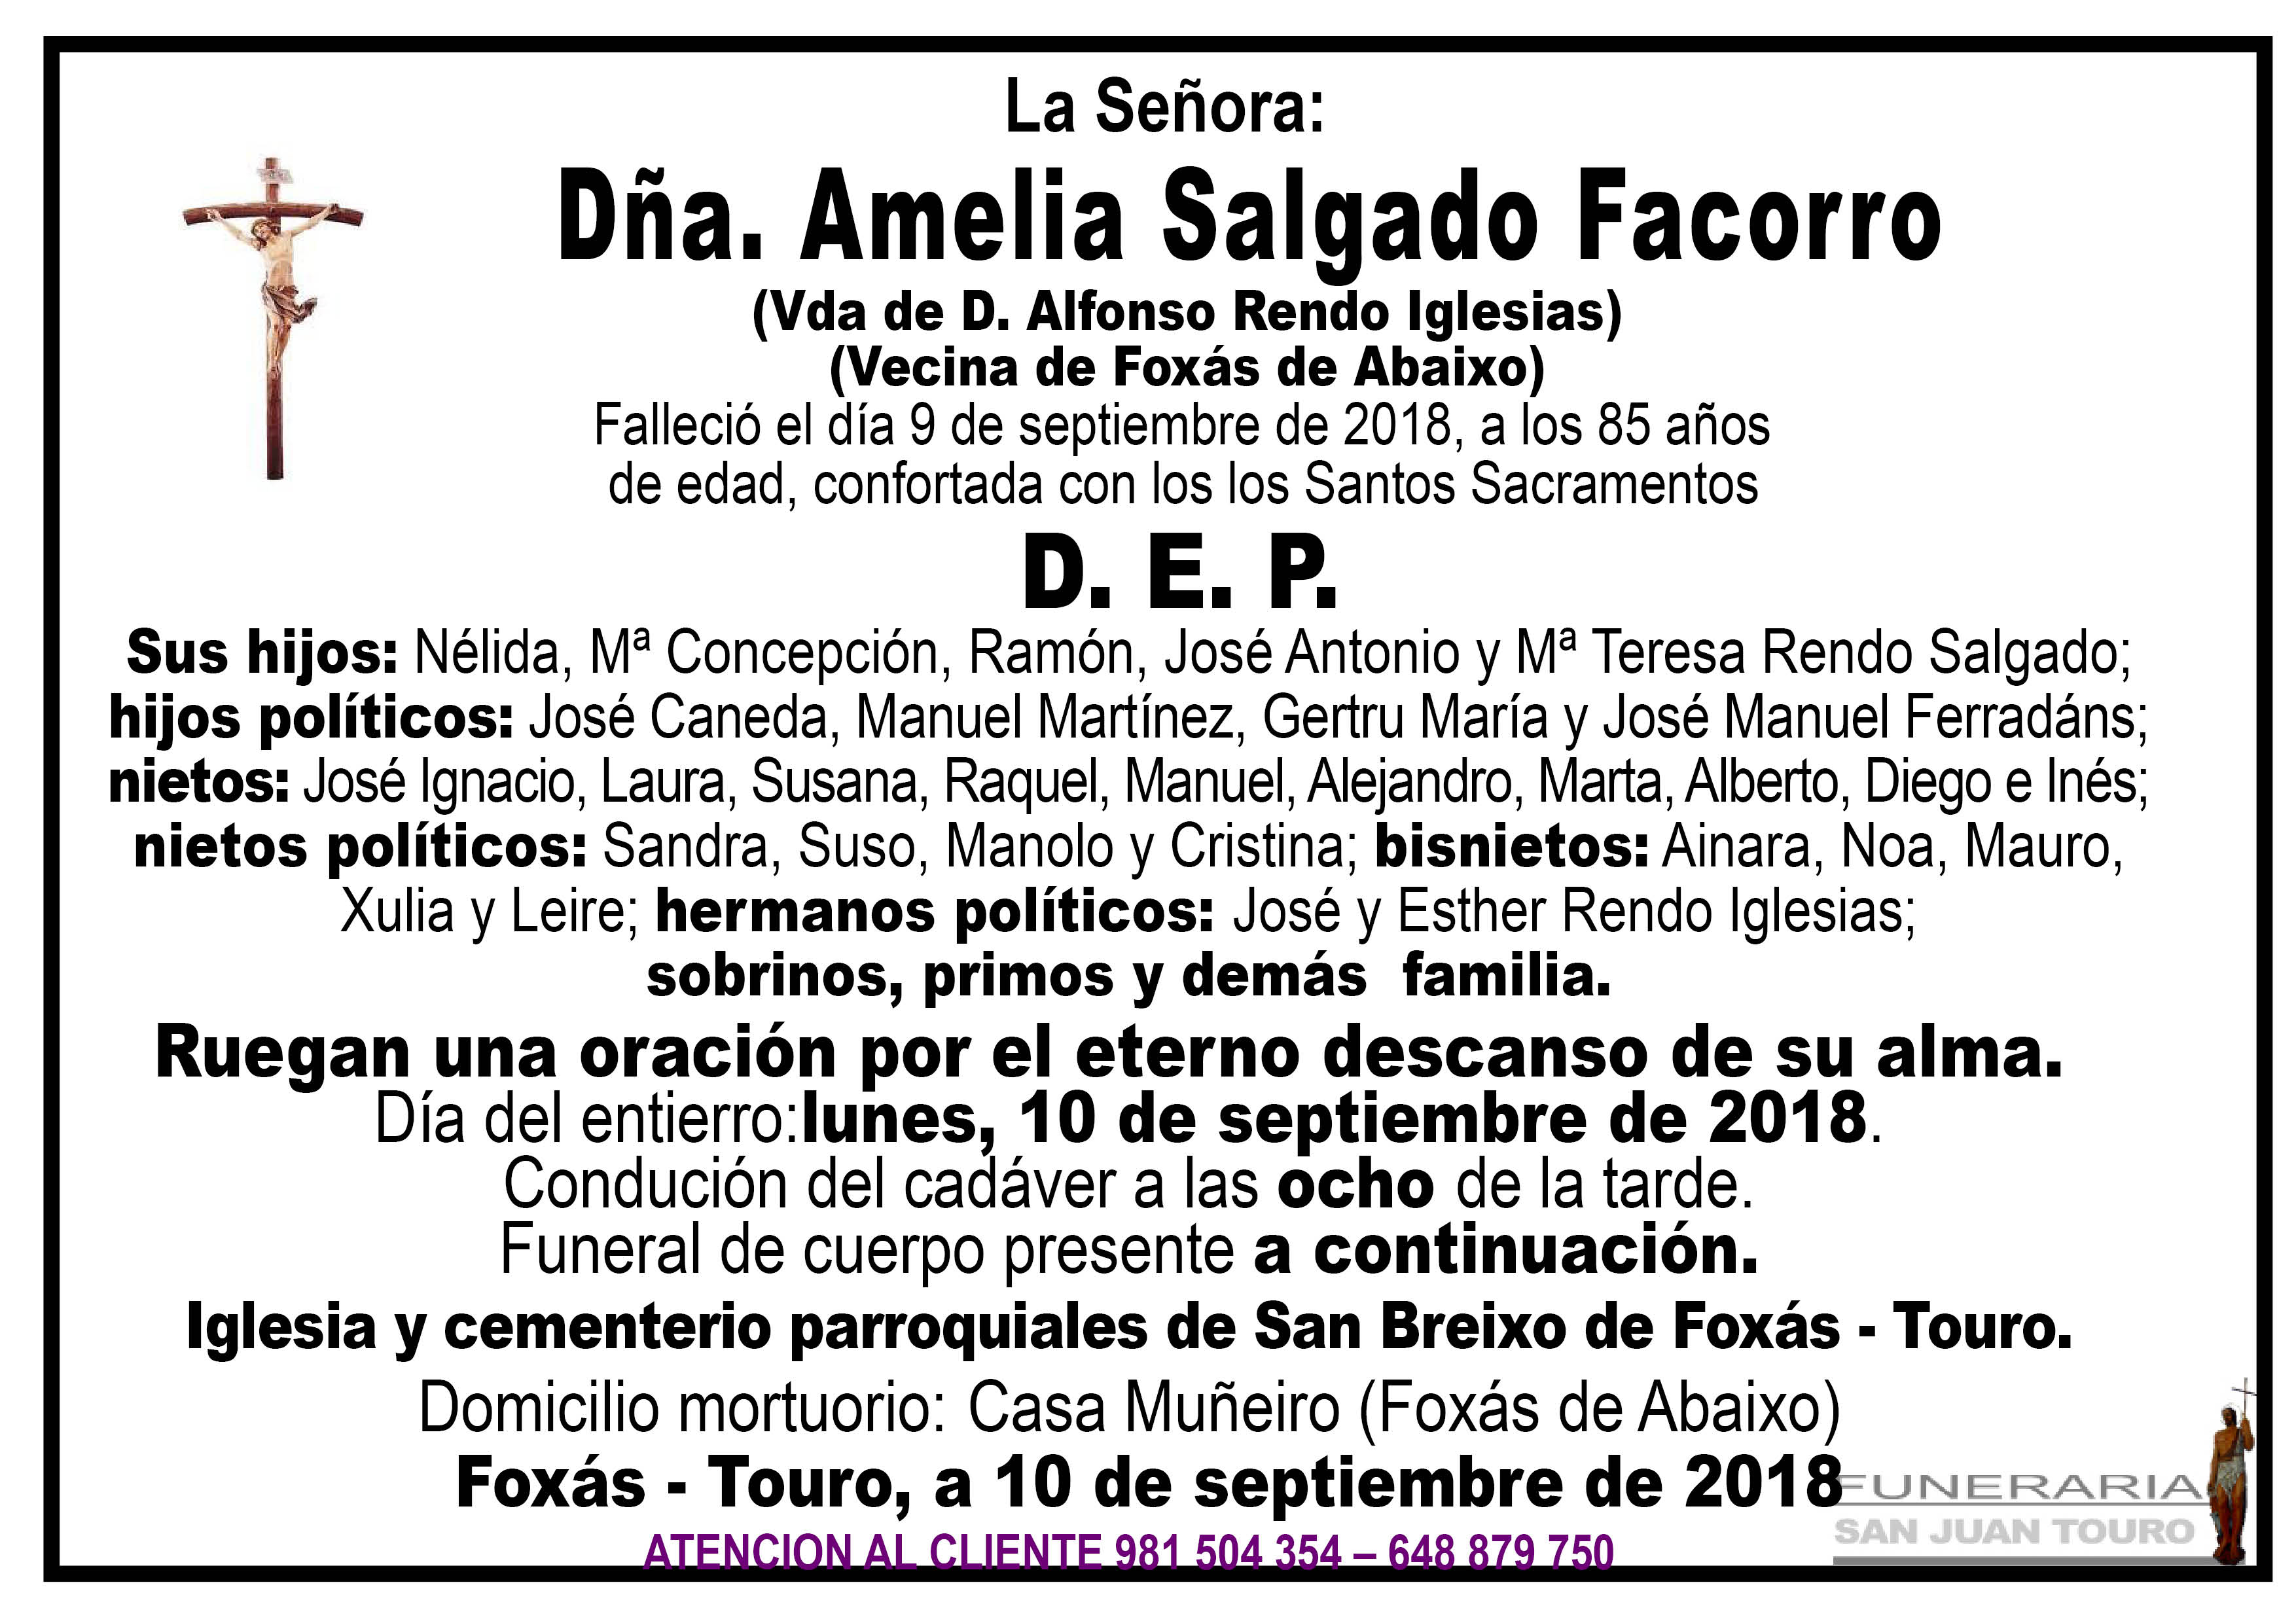 Esquela de SEPELIO DE DOÑA AMELIA SALGADO FACORRO